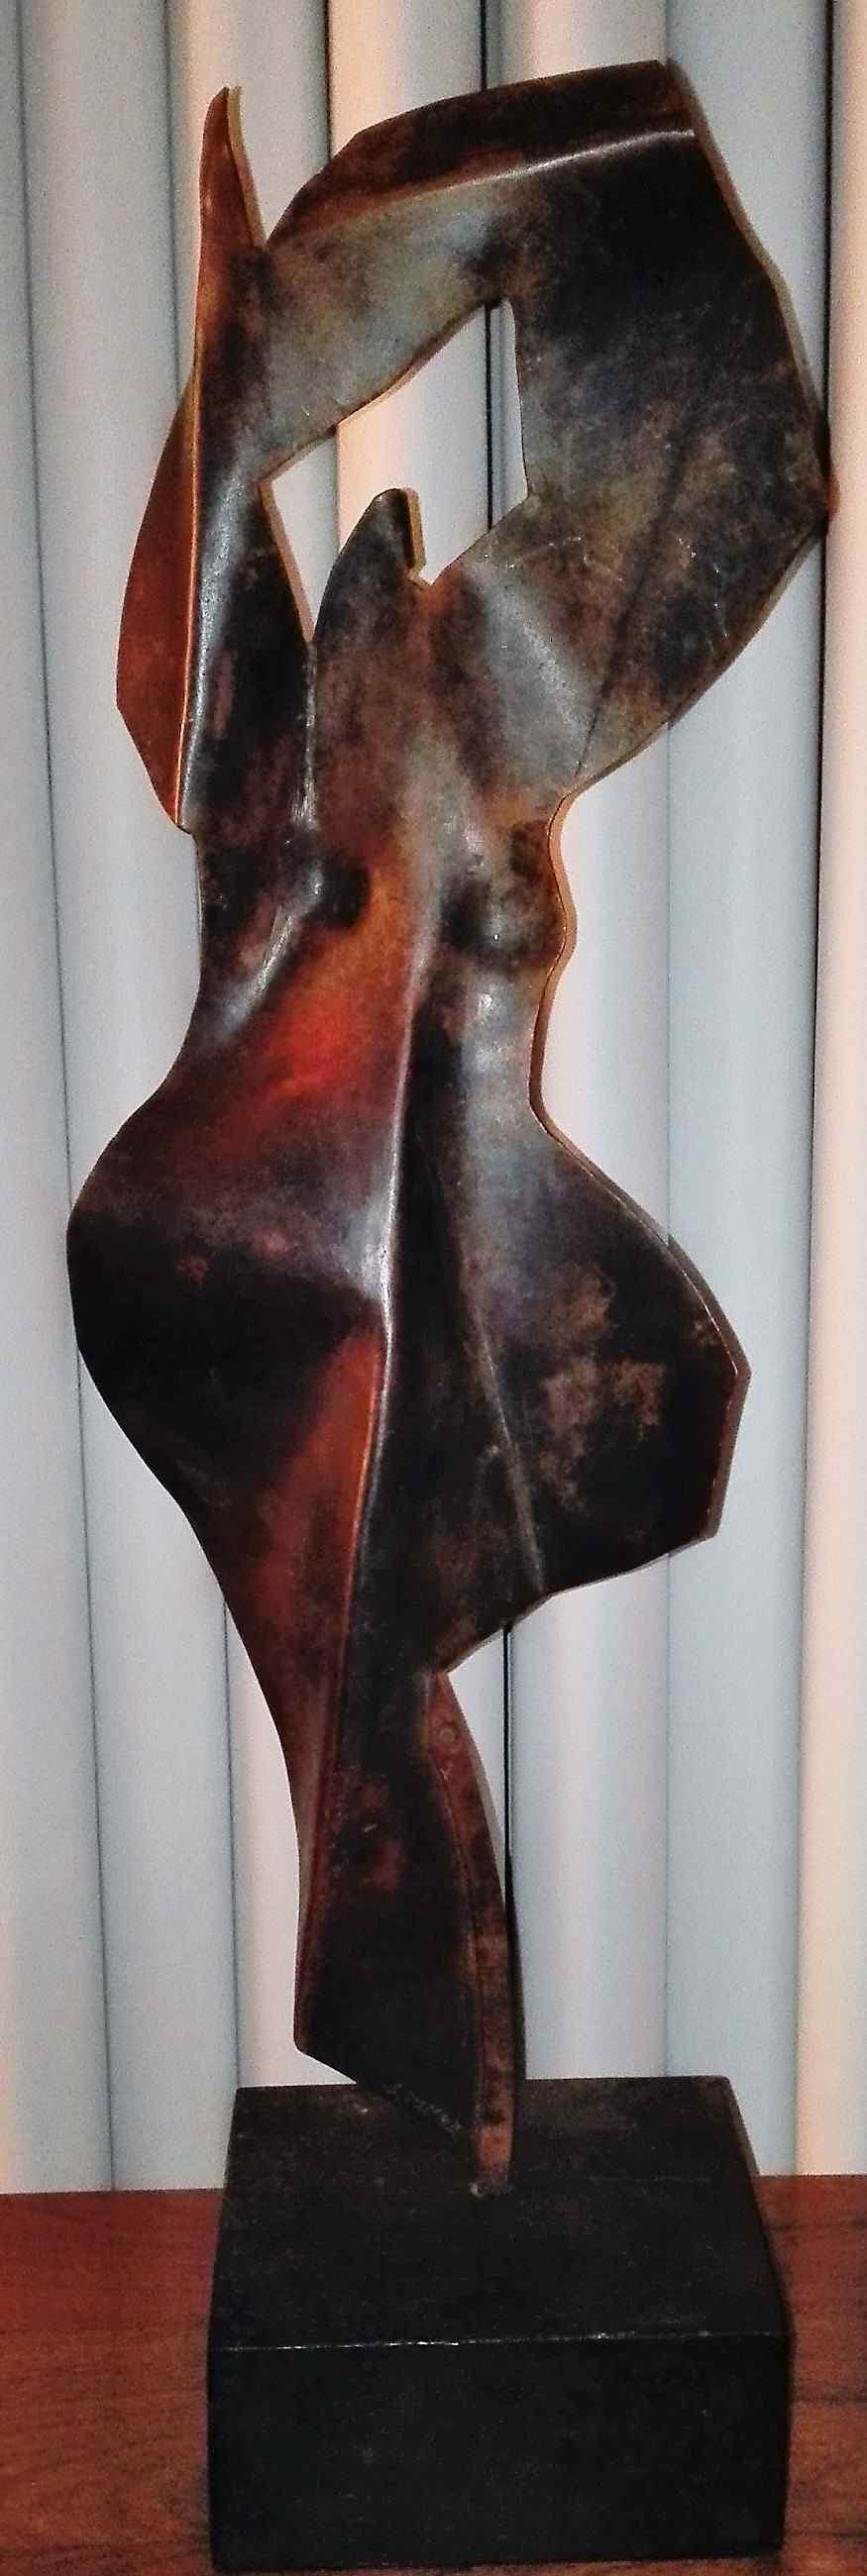 Sébastien TOURET - MAROLES  - Sculpture femme en cuivre